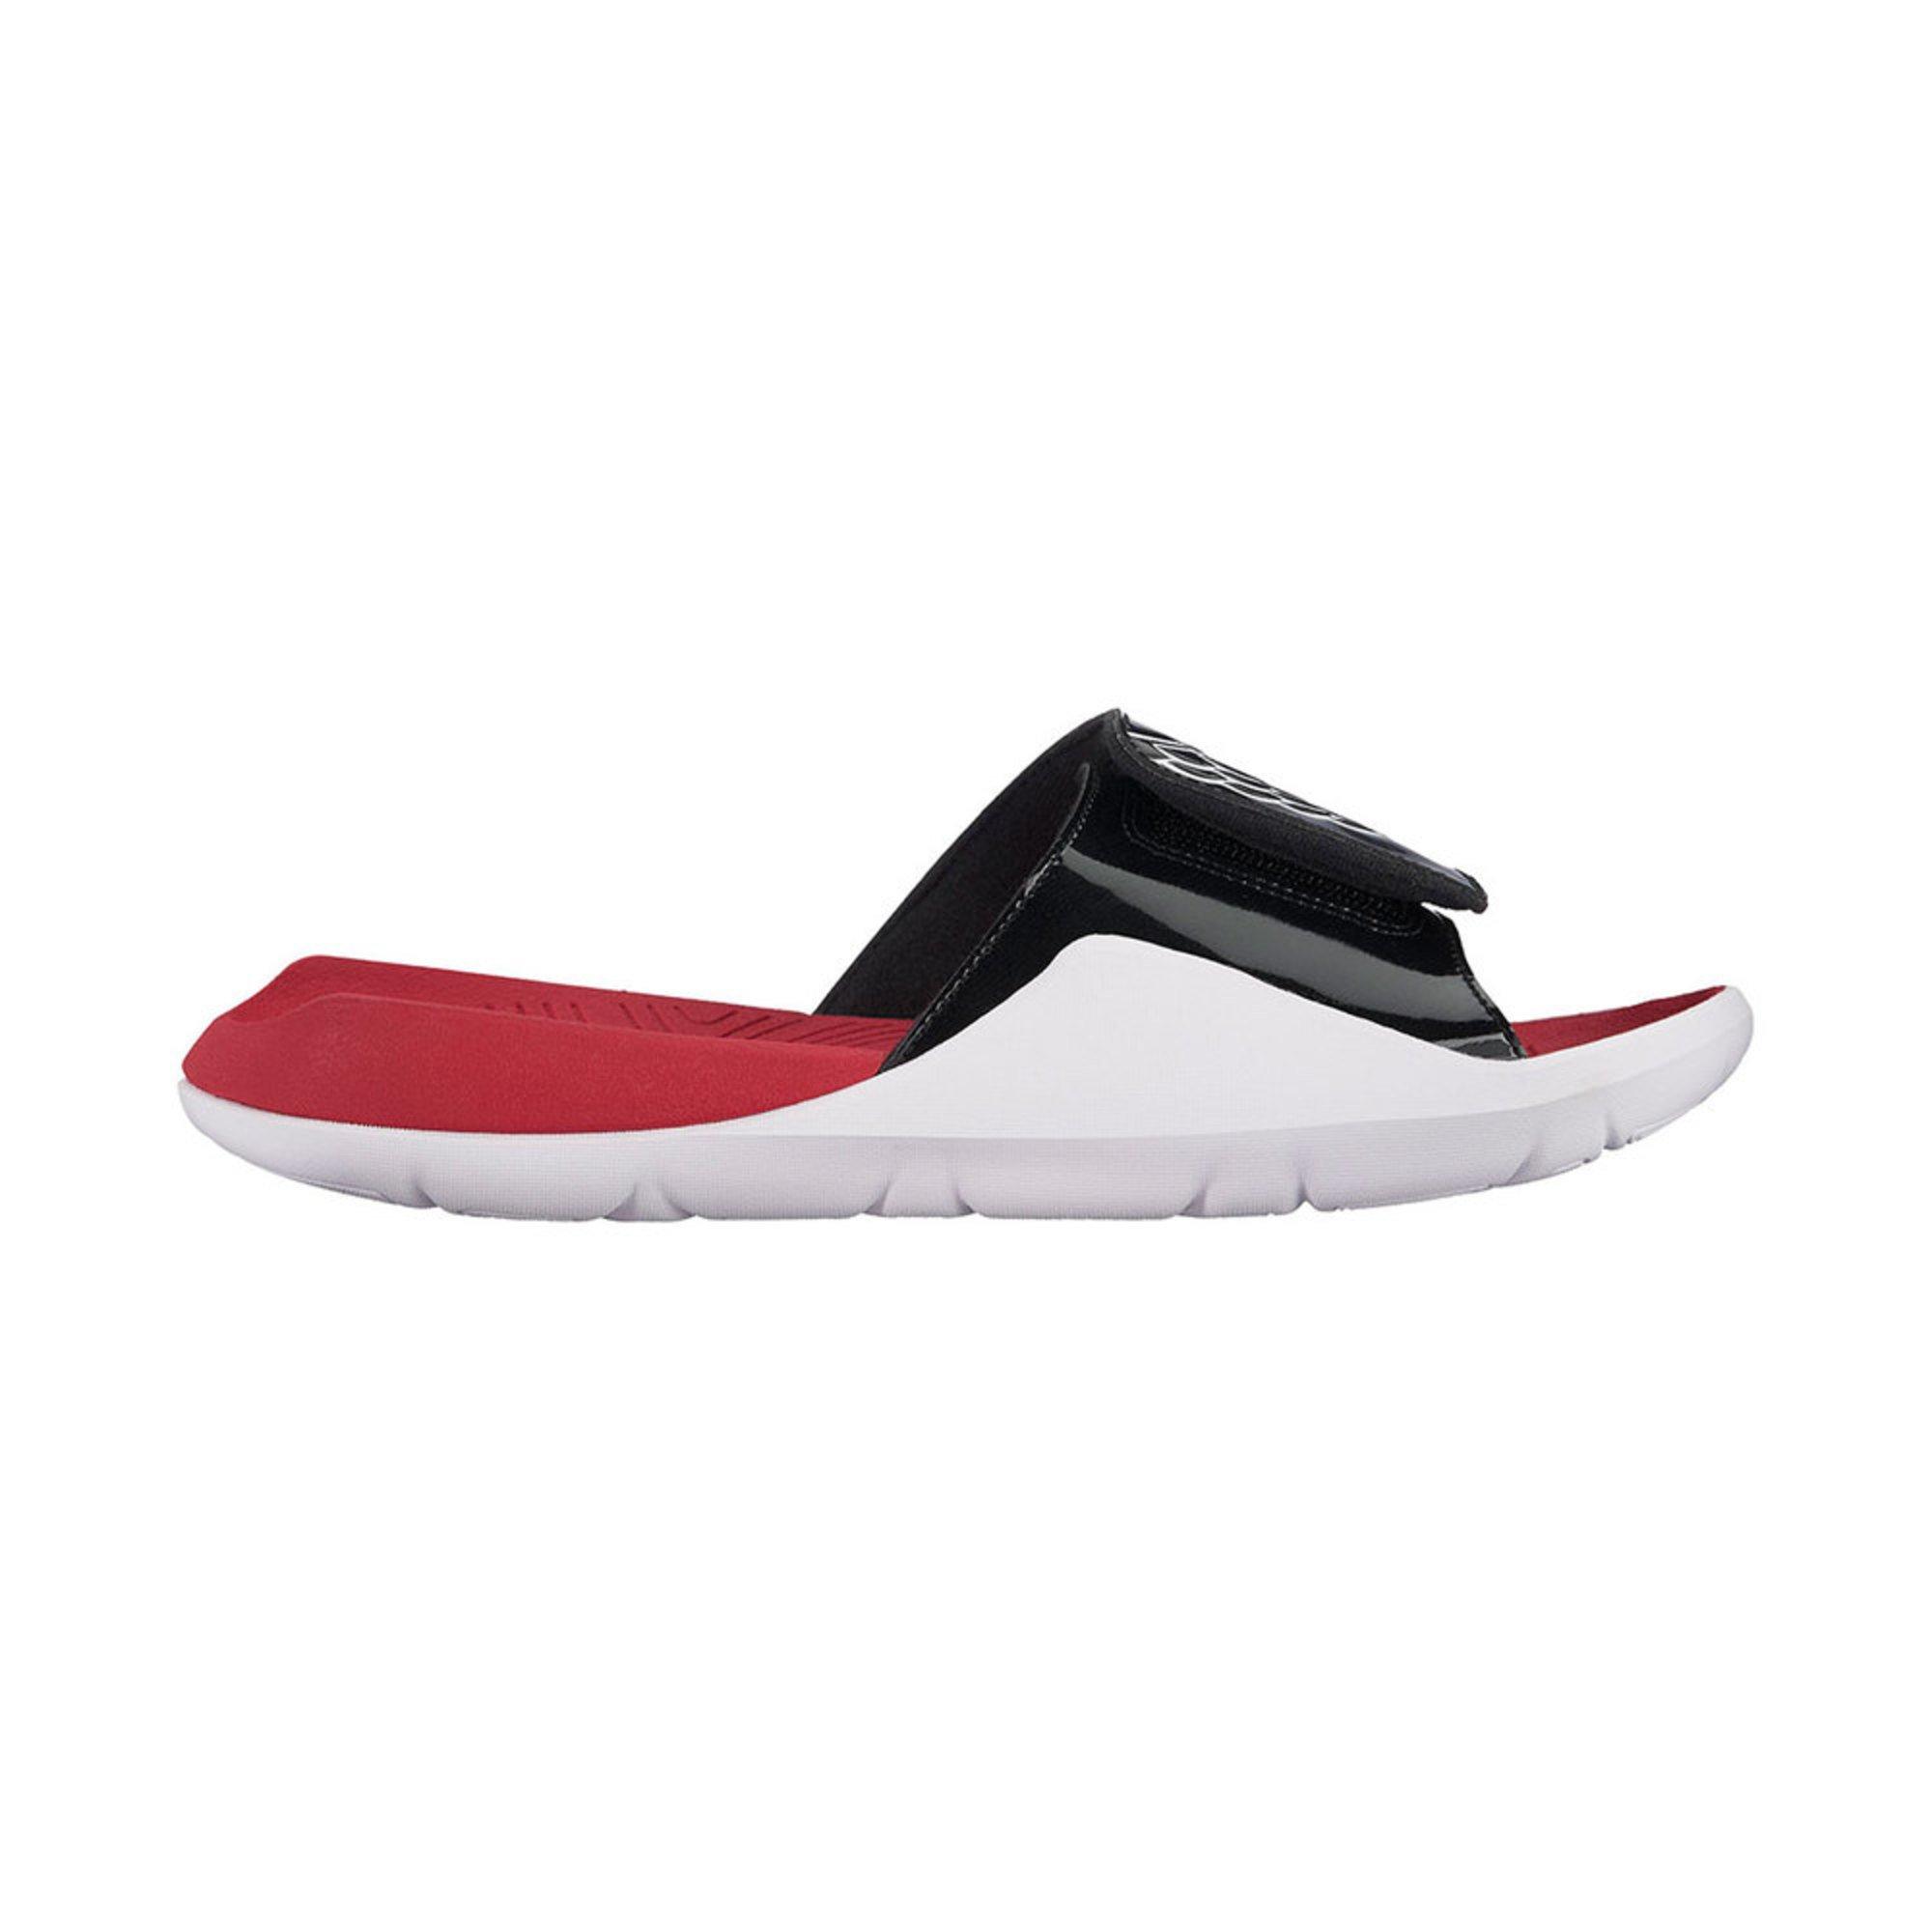 5b4fcf4006a31 Jordan Men s Hydro 7 Slide